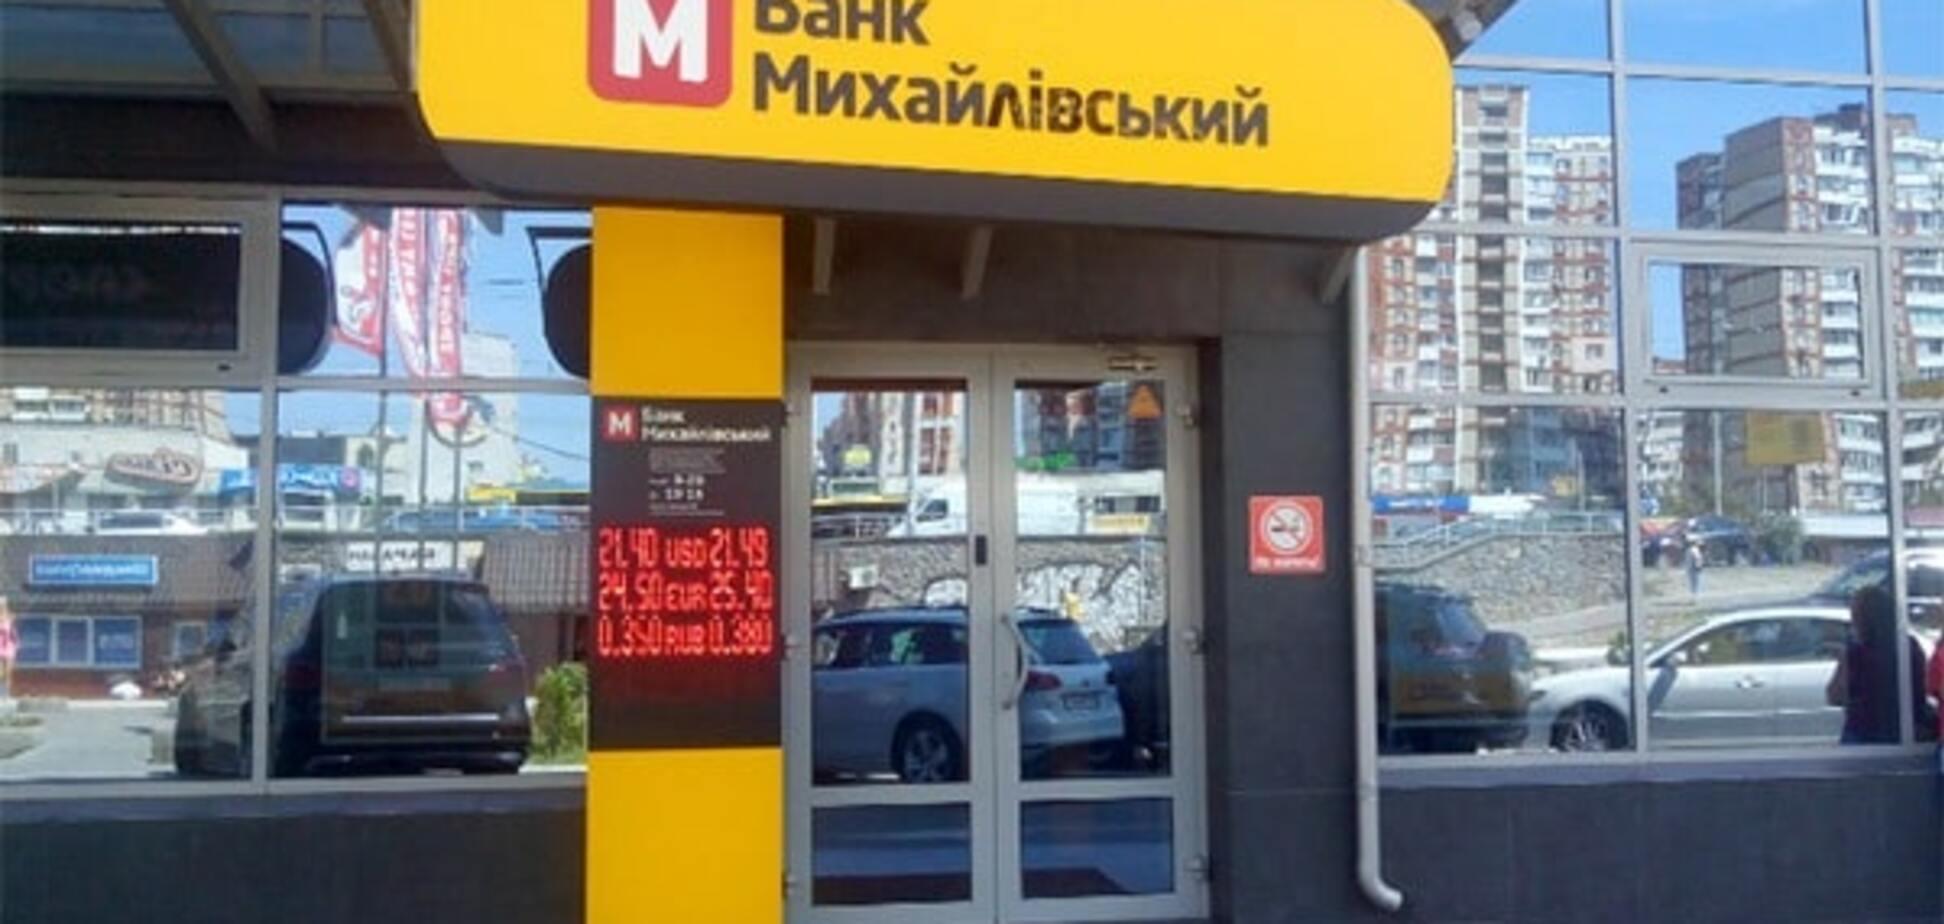 Банк \'Михайловский\'